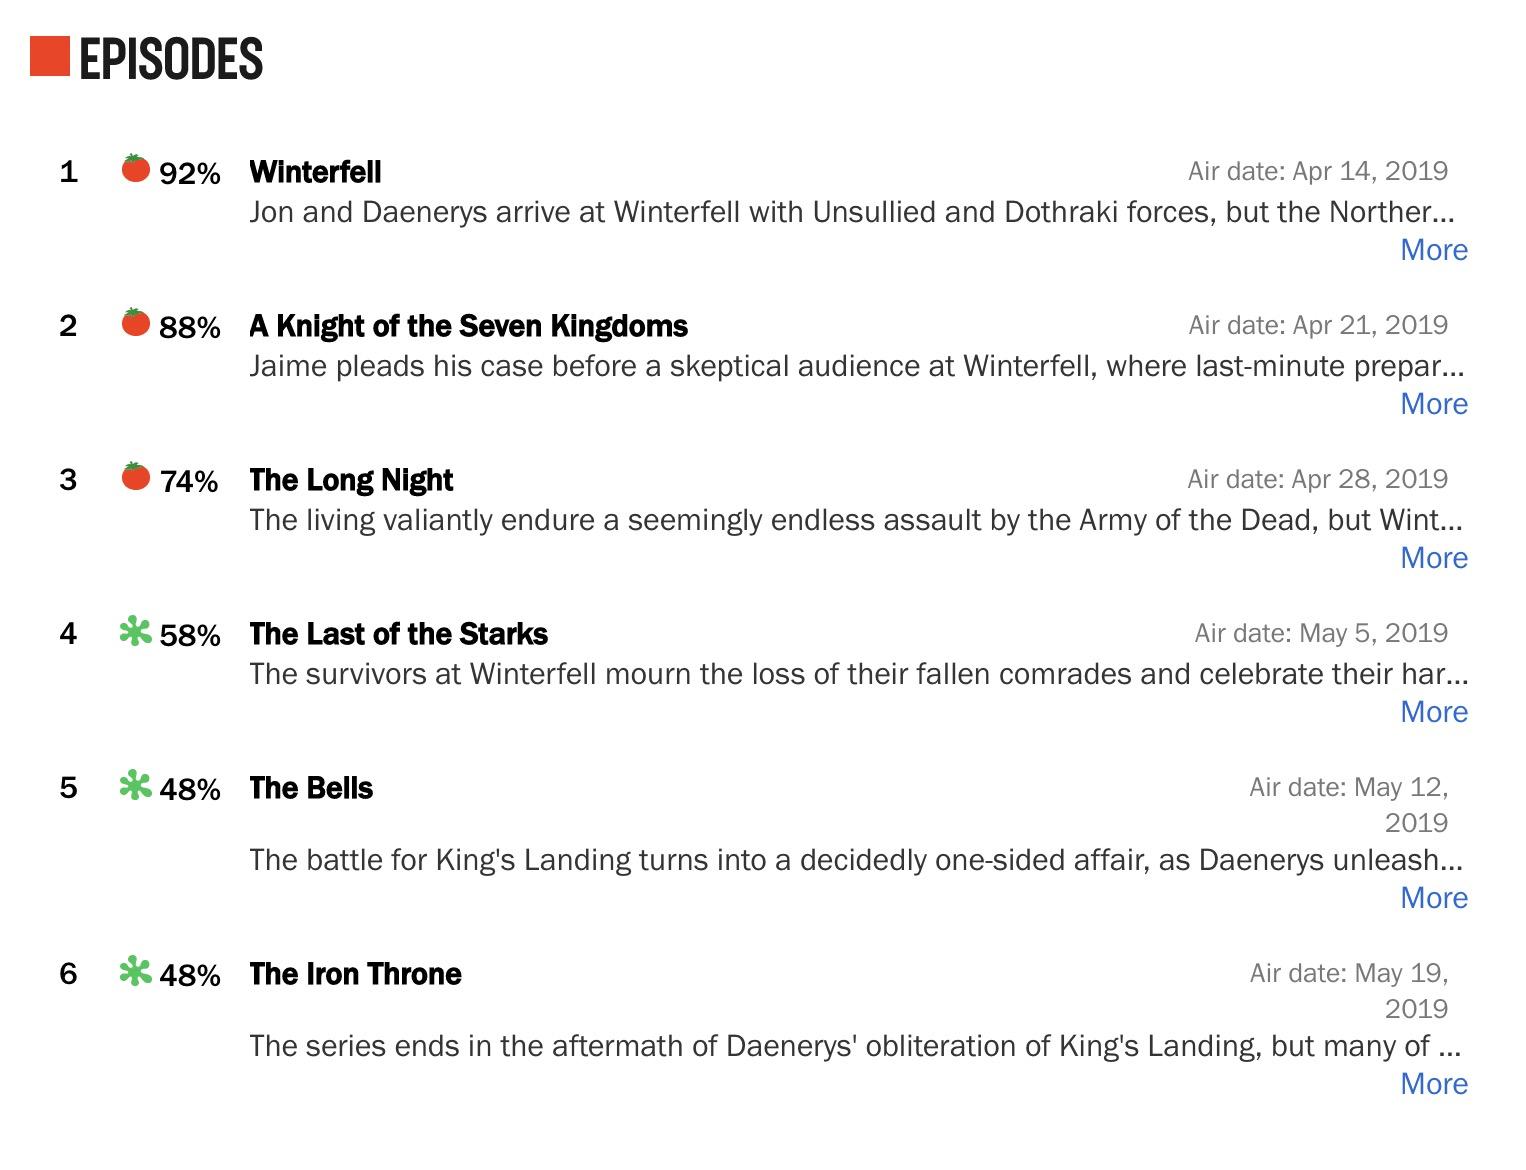 烂番茄的第八季评分